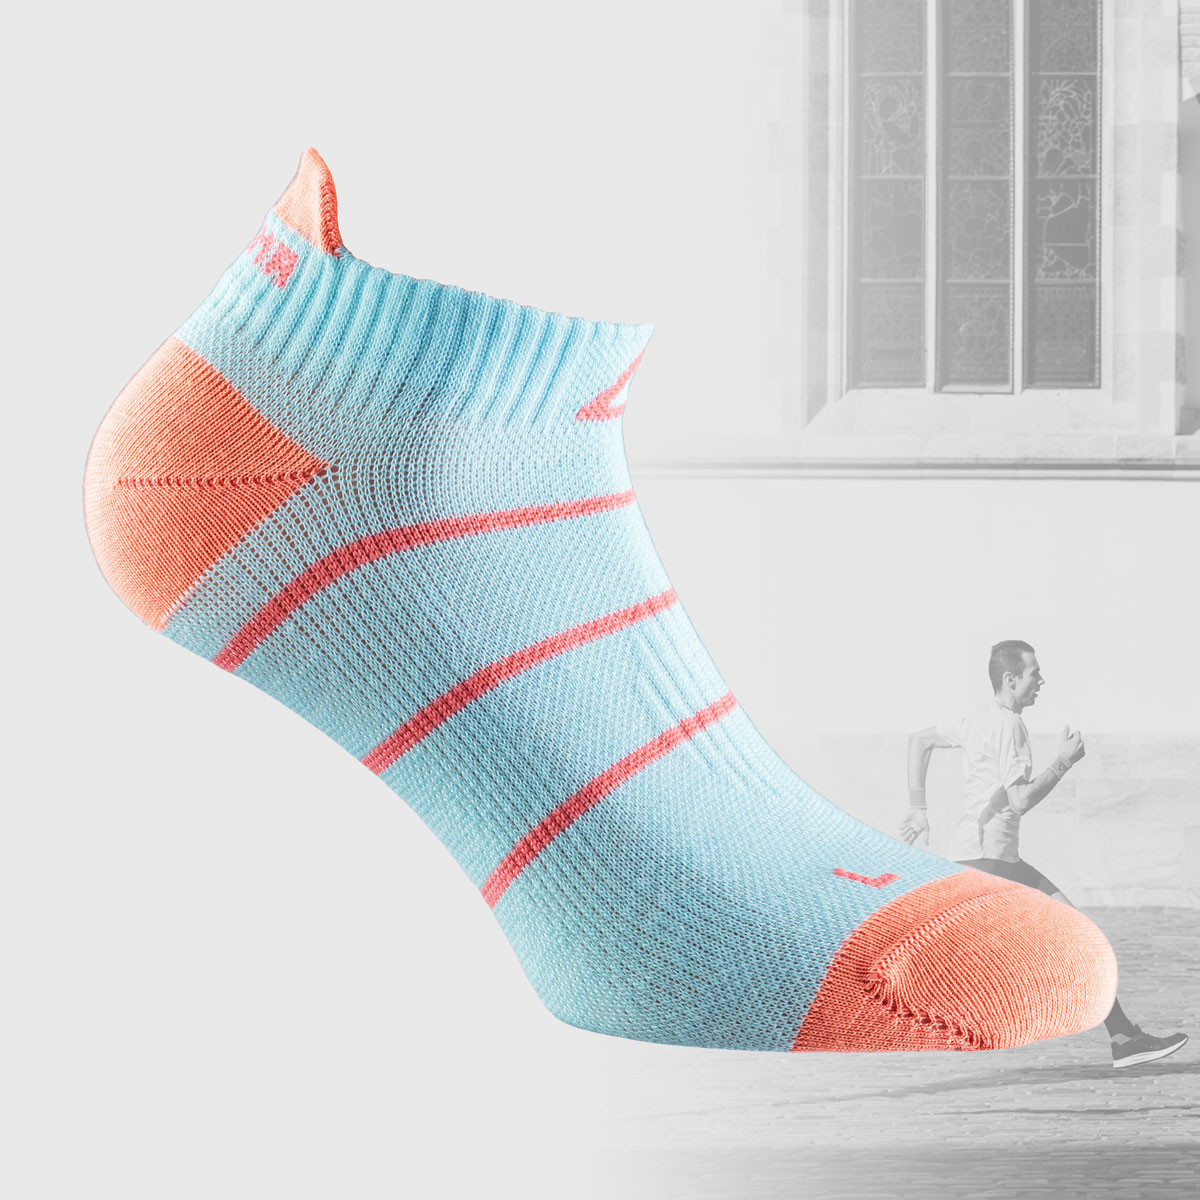 short runing socks in babyl blue color